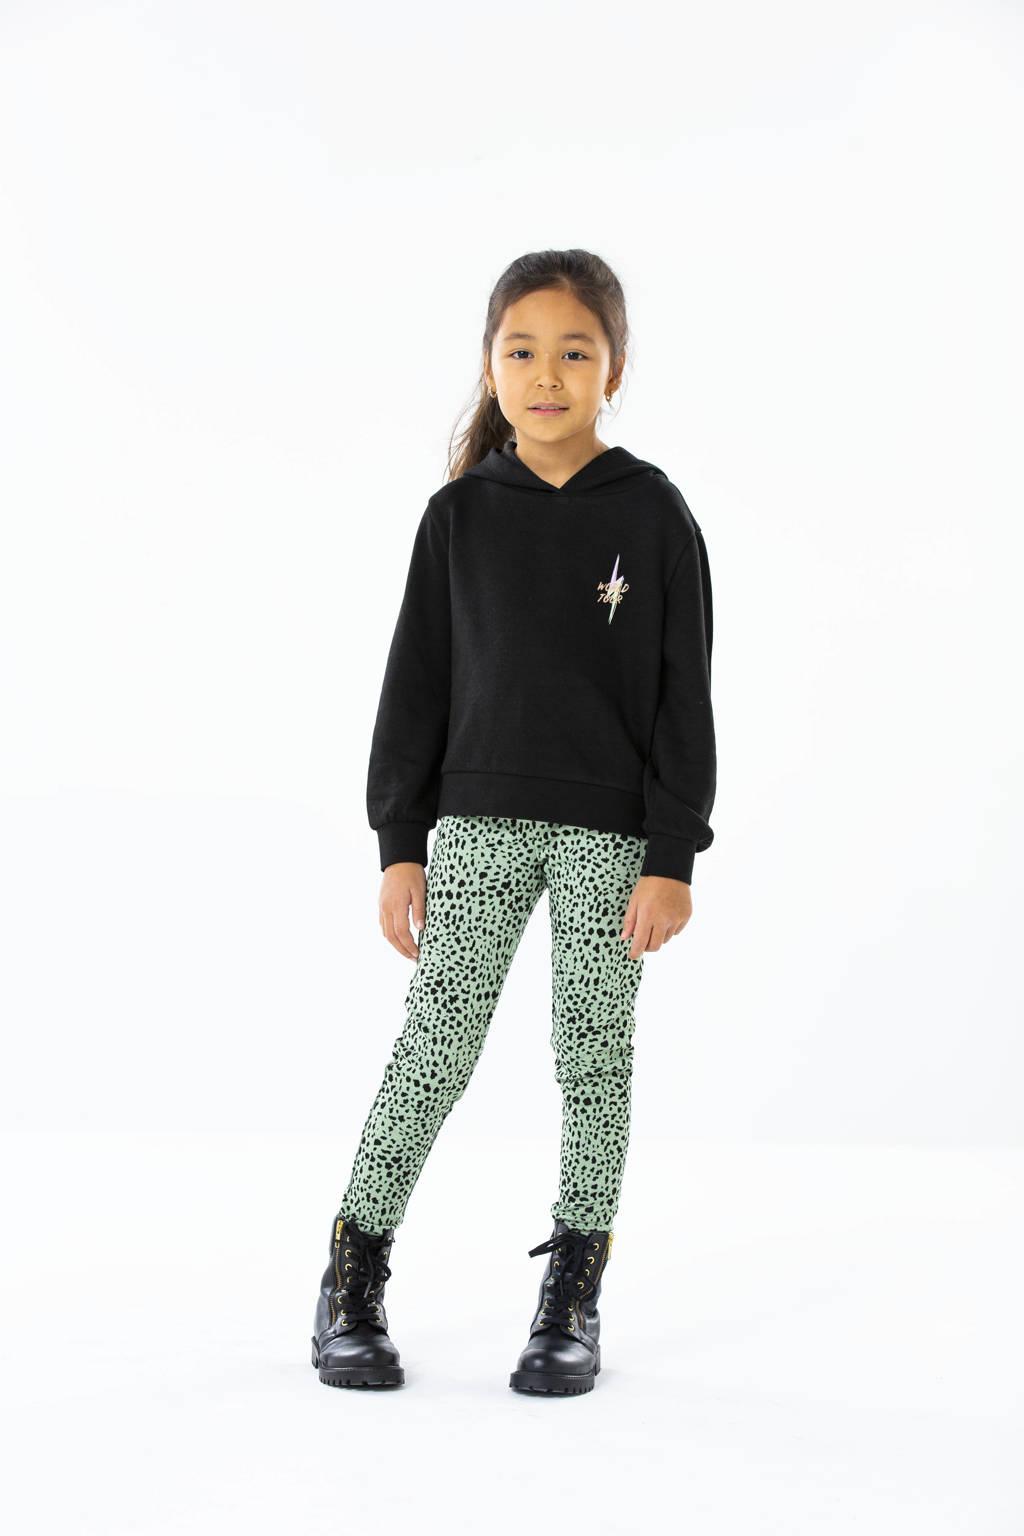 KIDS ONLY broek Crystal met all over print groen/zwart, Groen/zwart